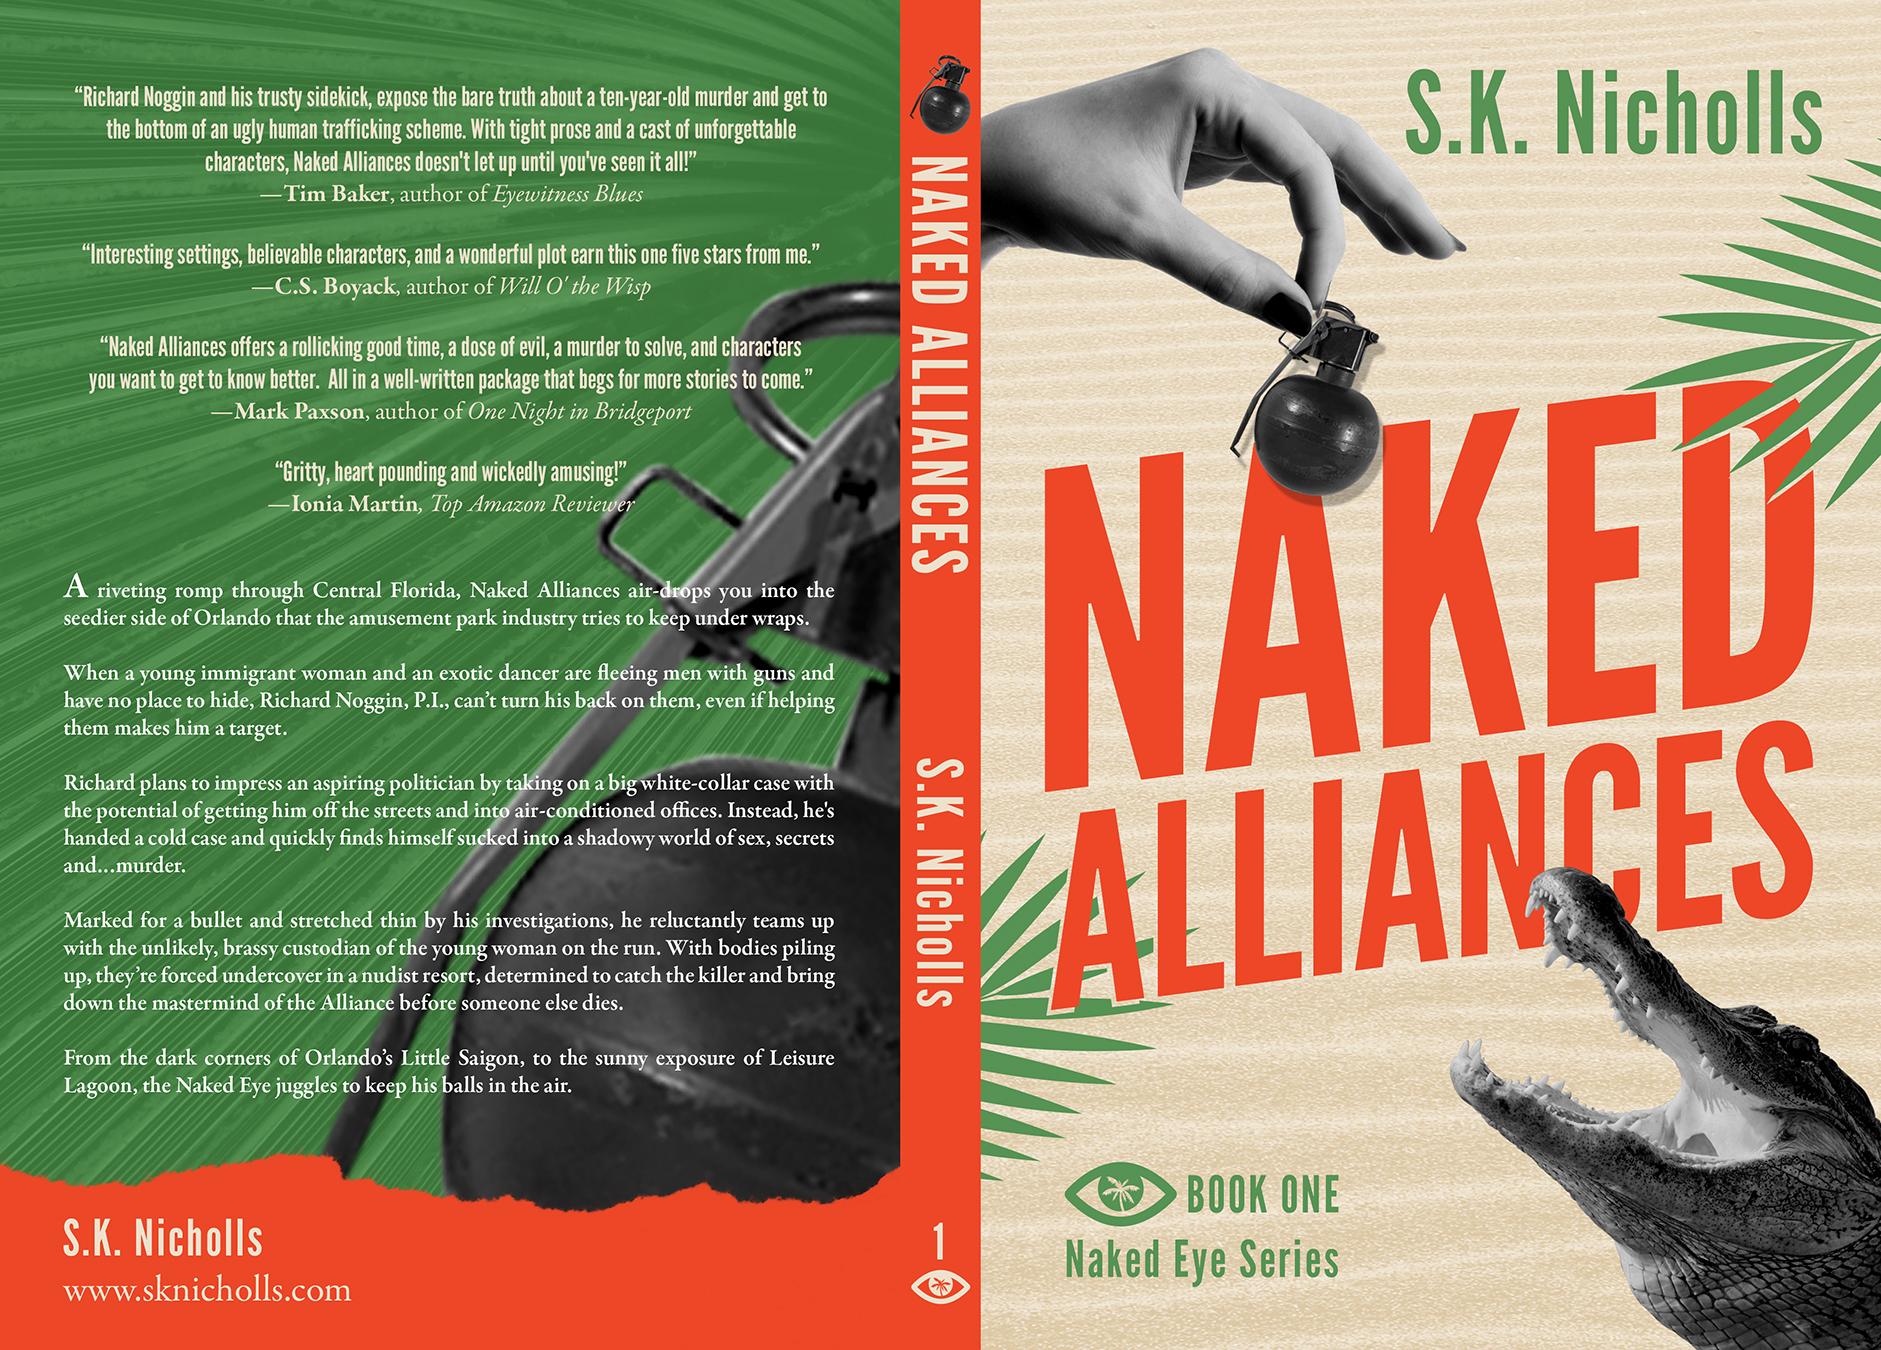 NakedAlliances_JPEG